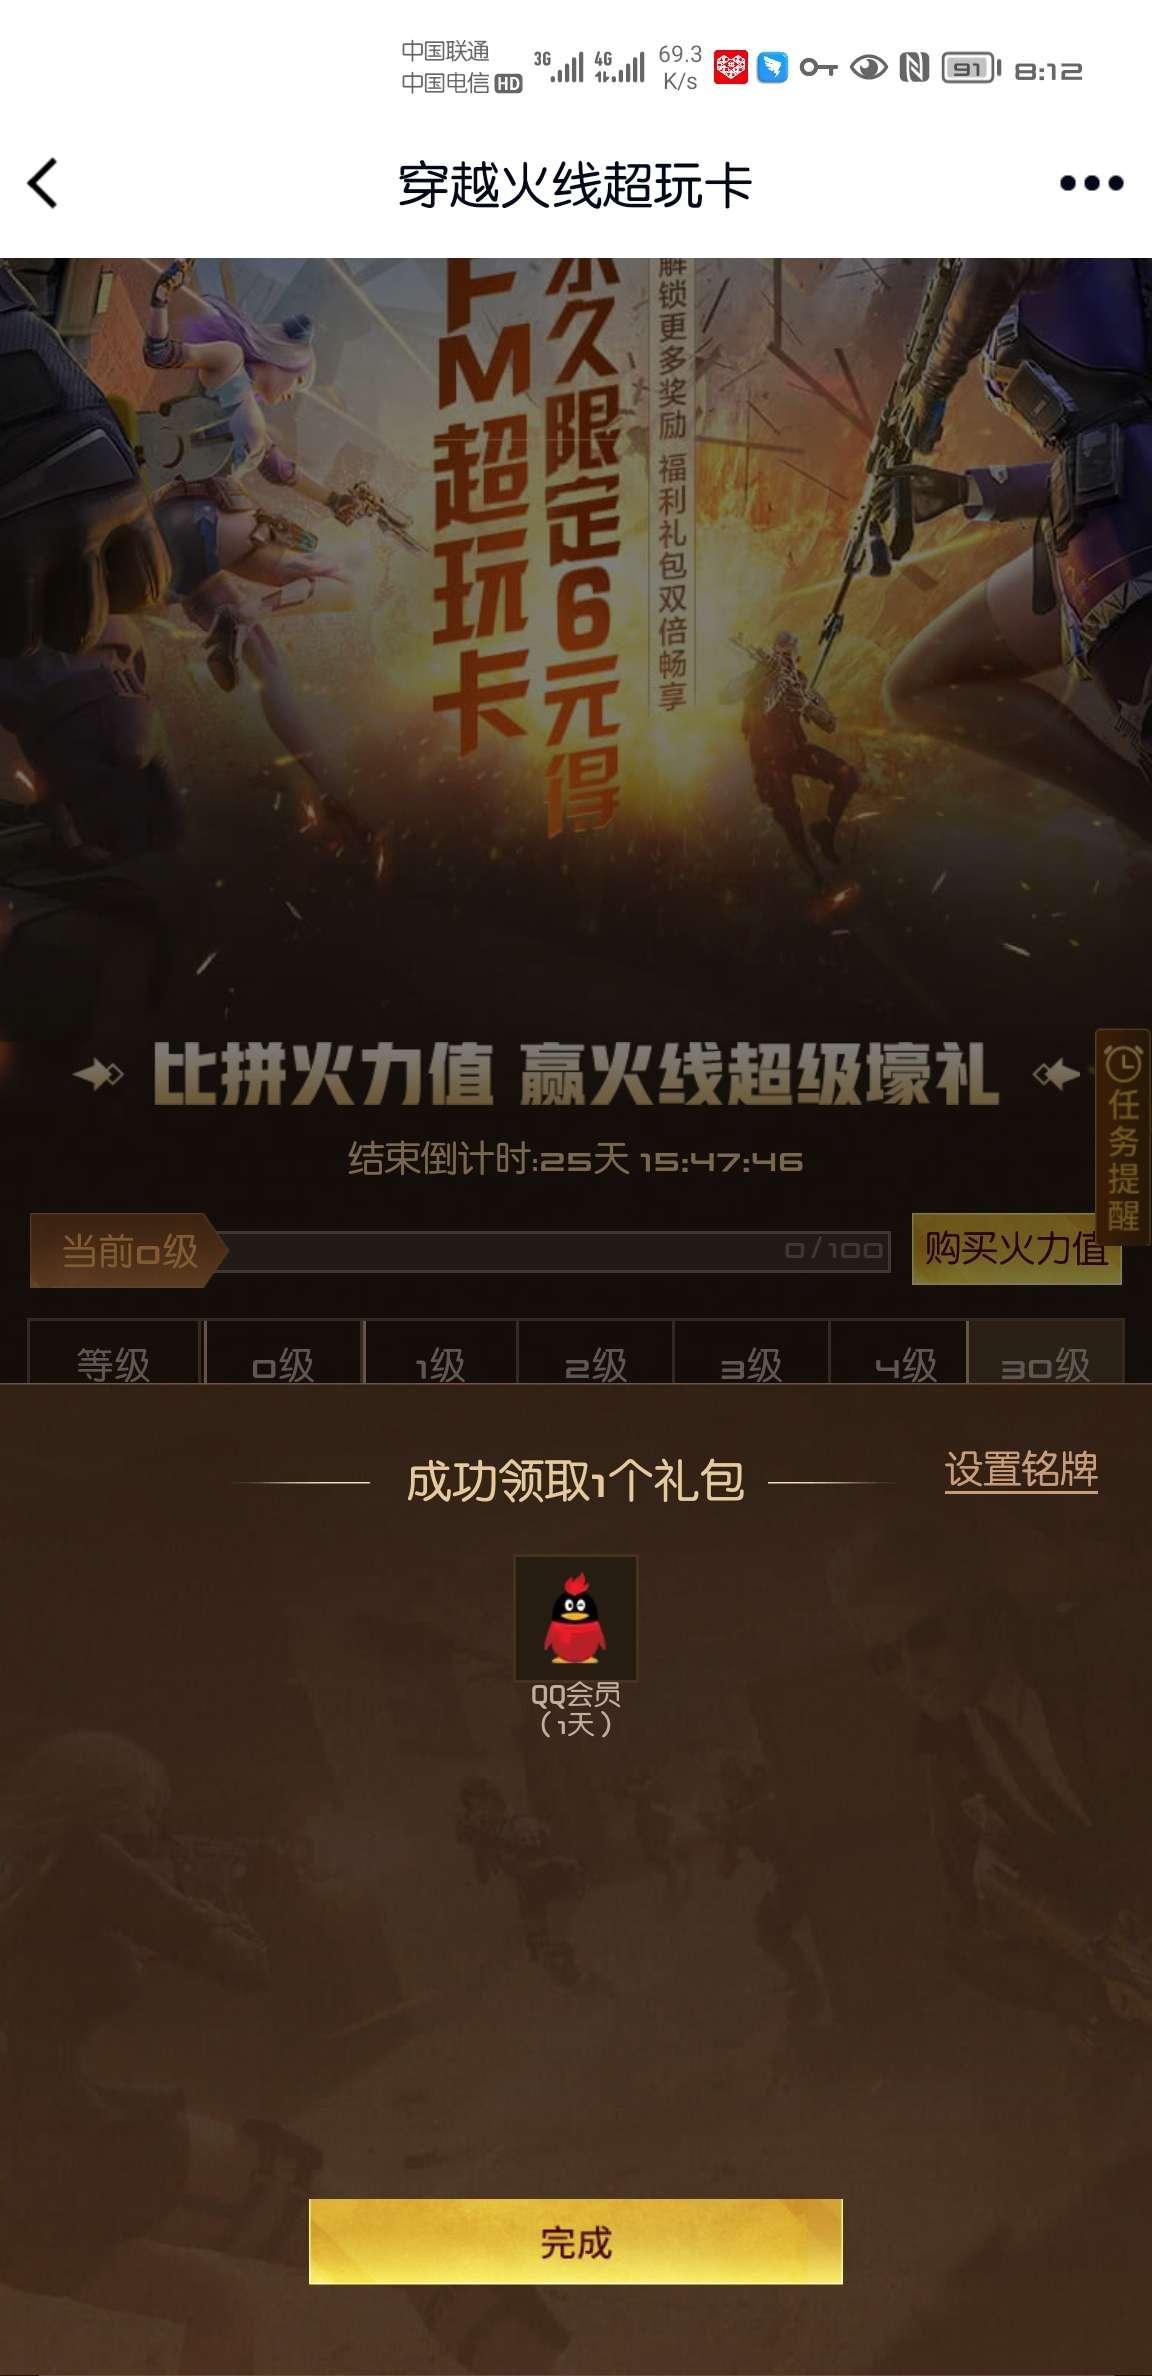 【虚拟物品】通过火线领取一天QQ普通会员插图1